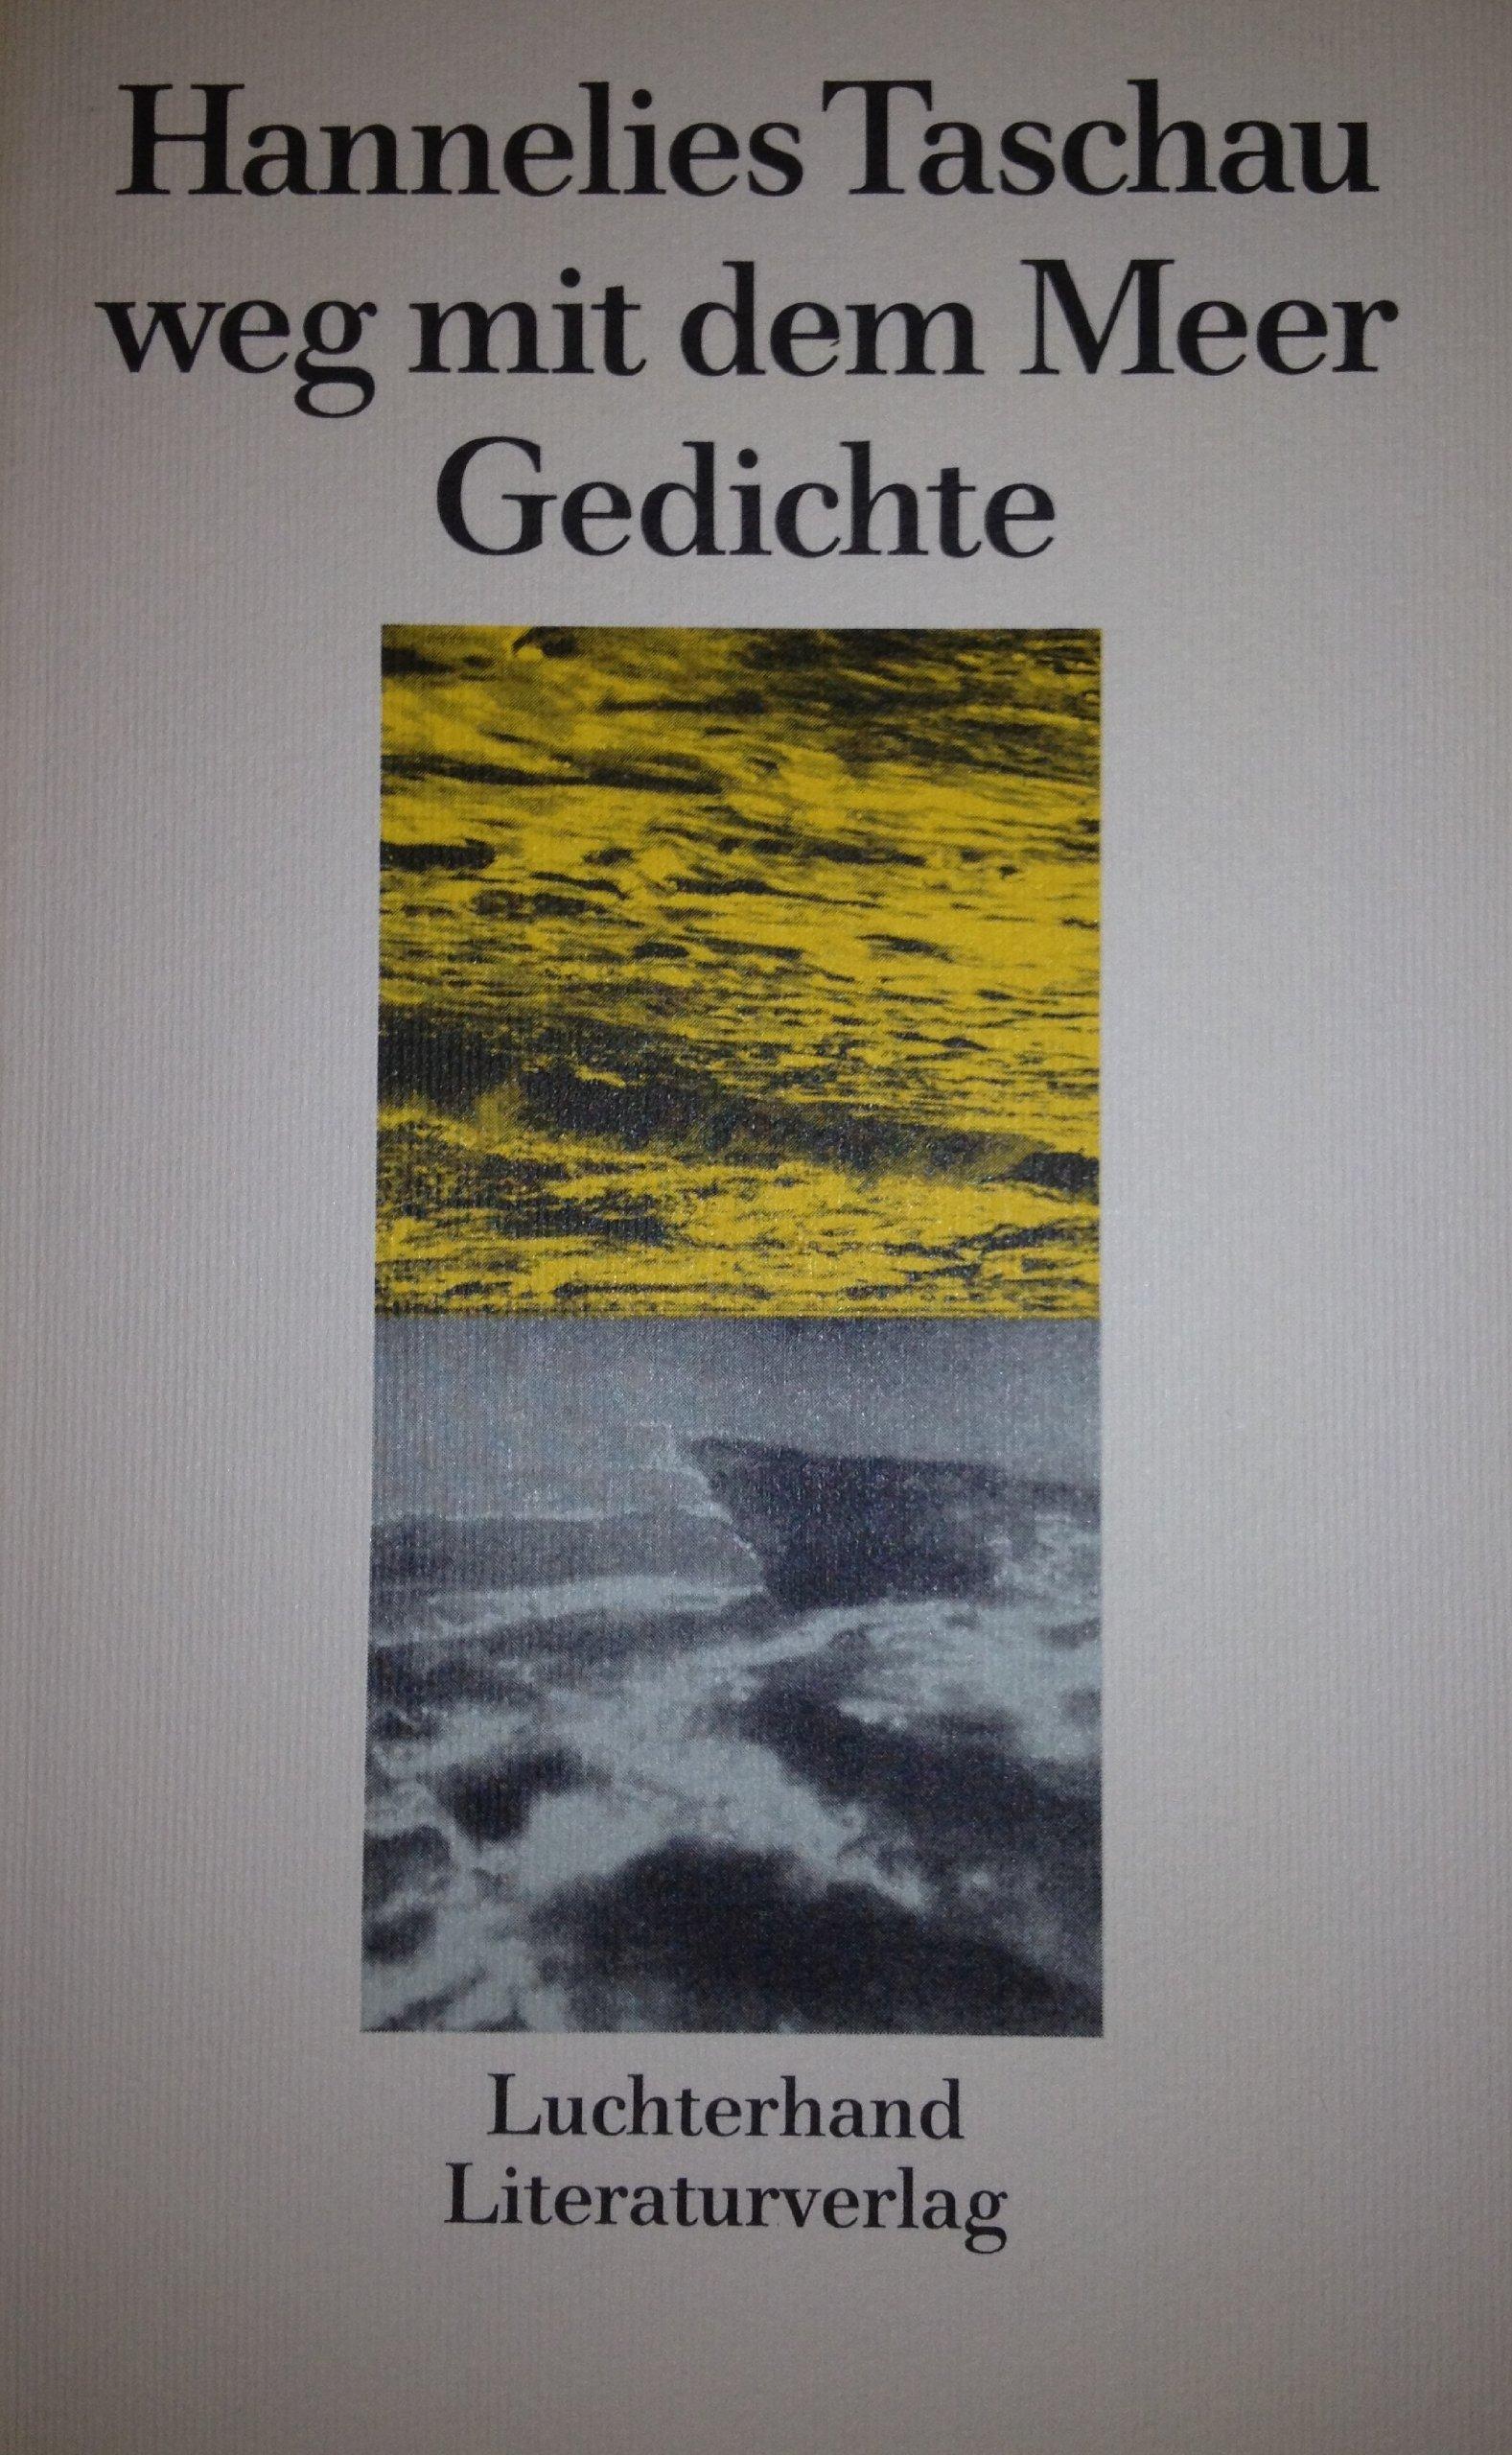 Weg Mit Dem Meer Gedichte Amazoncouk Hannelies Taschau